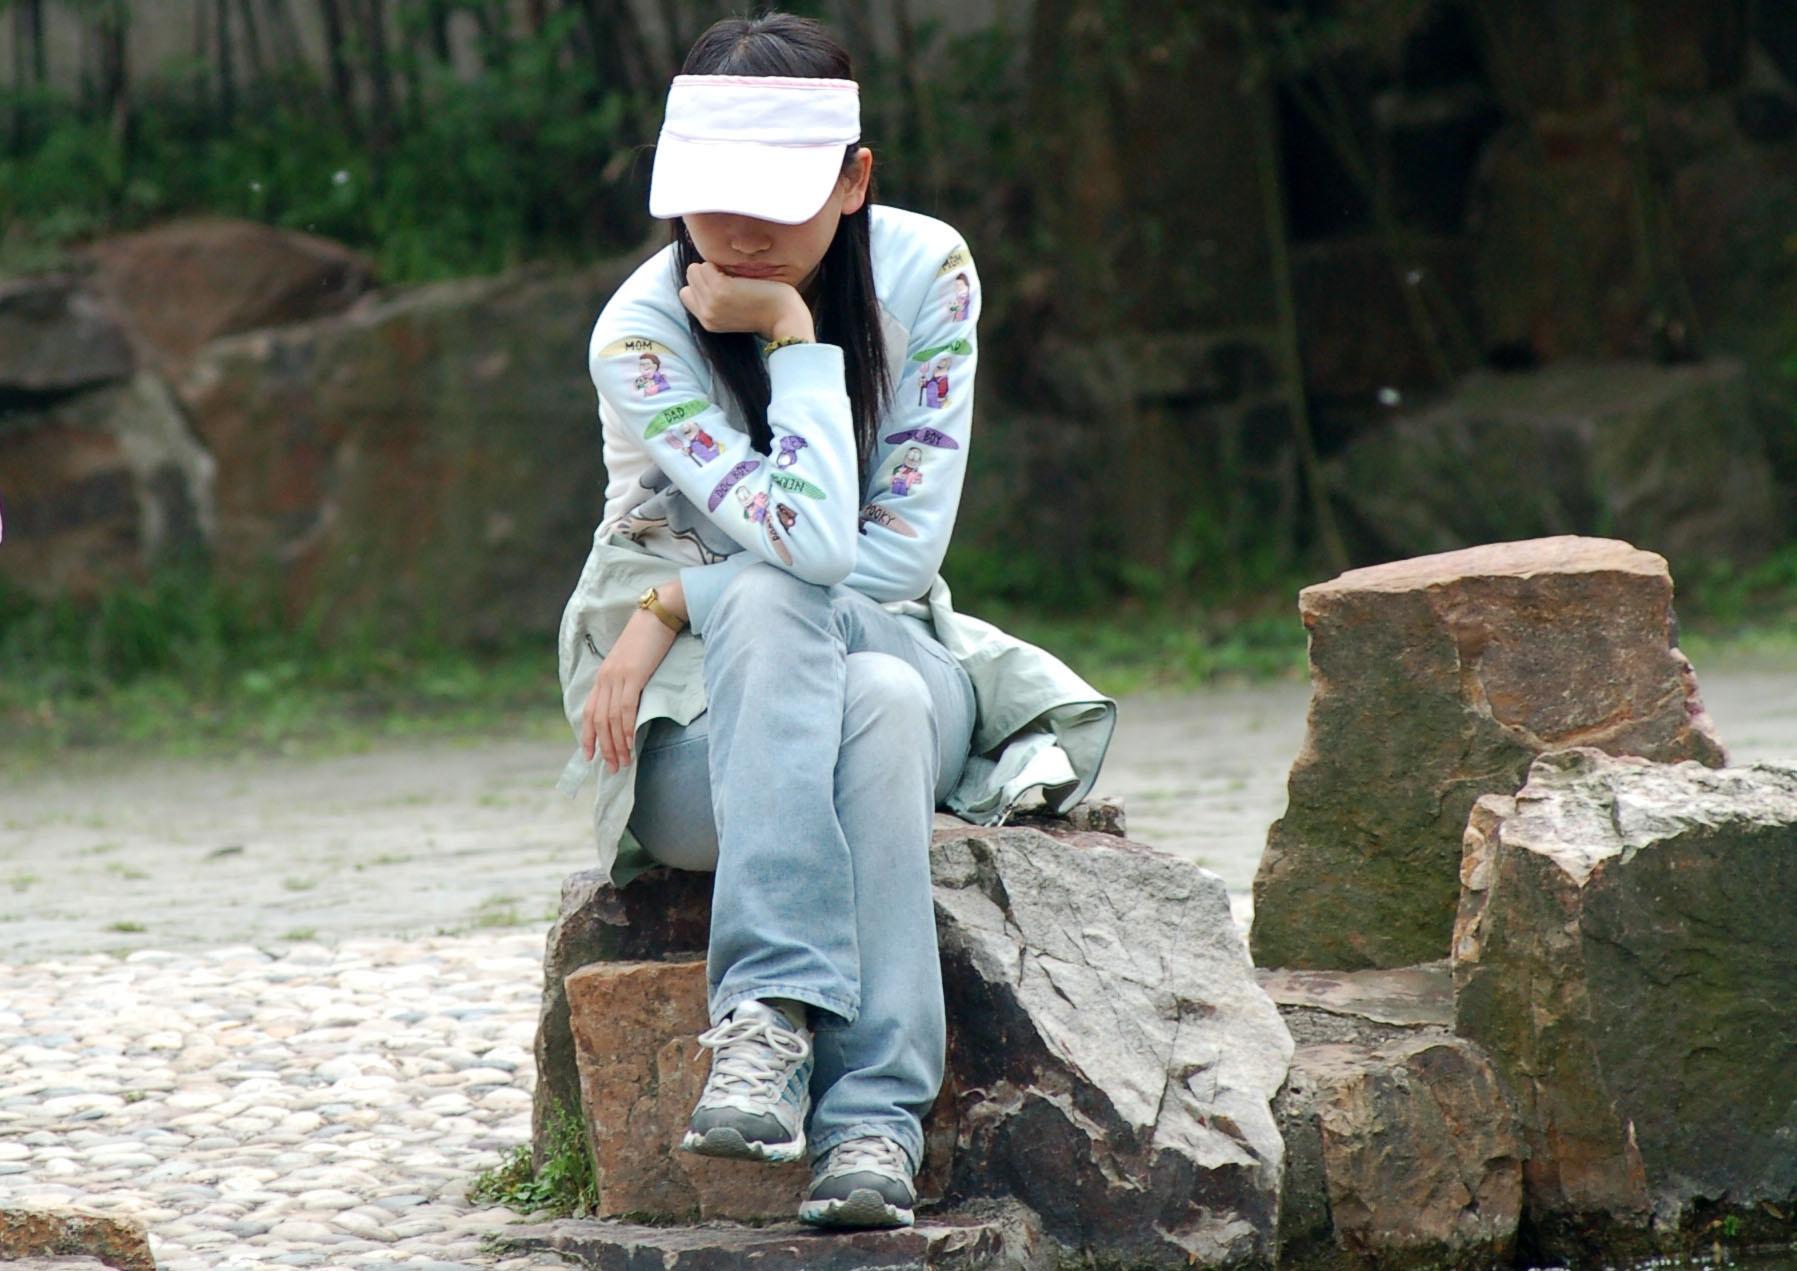 出生于非典,高考于新冠,她的选择从武汉和厦门大学变成医科大学